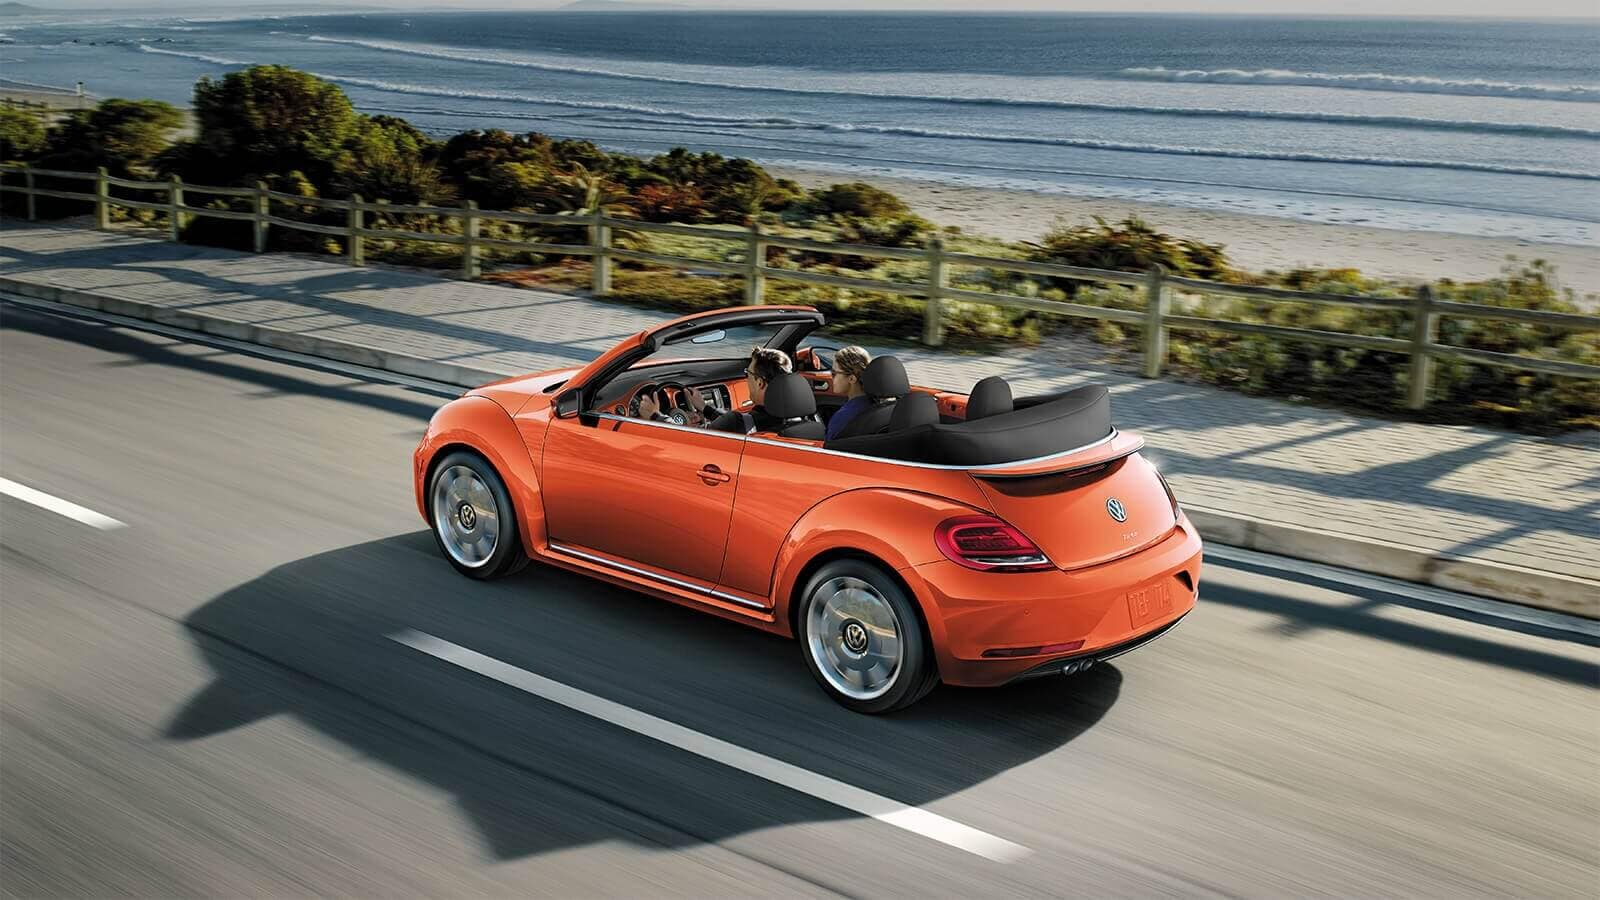 Volkswagen Beetle Convertible Habenero Orange